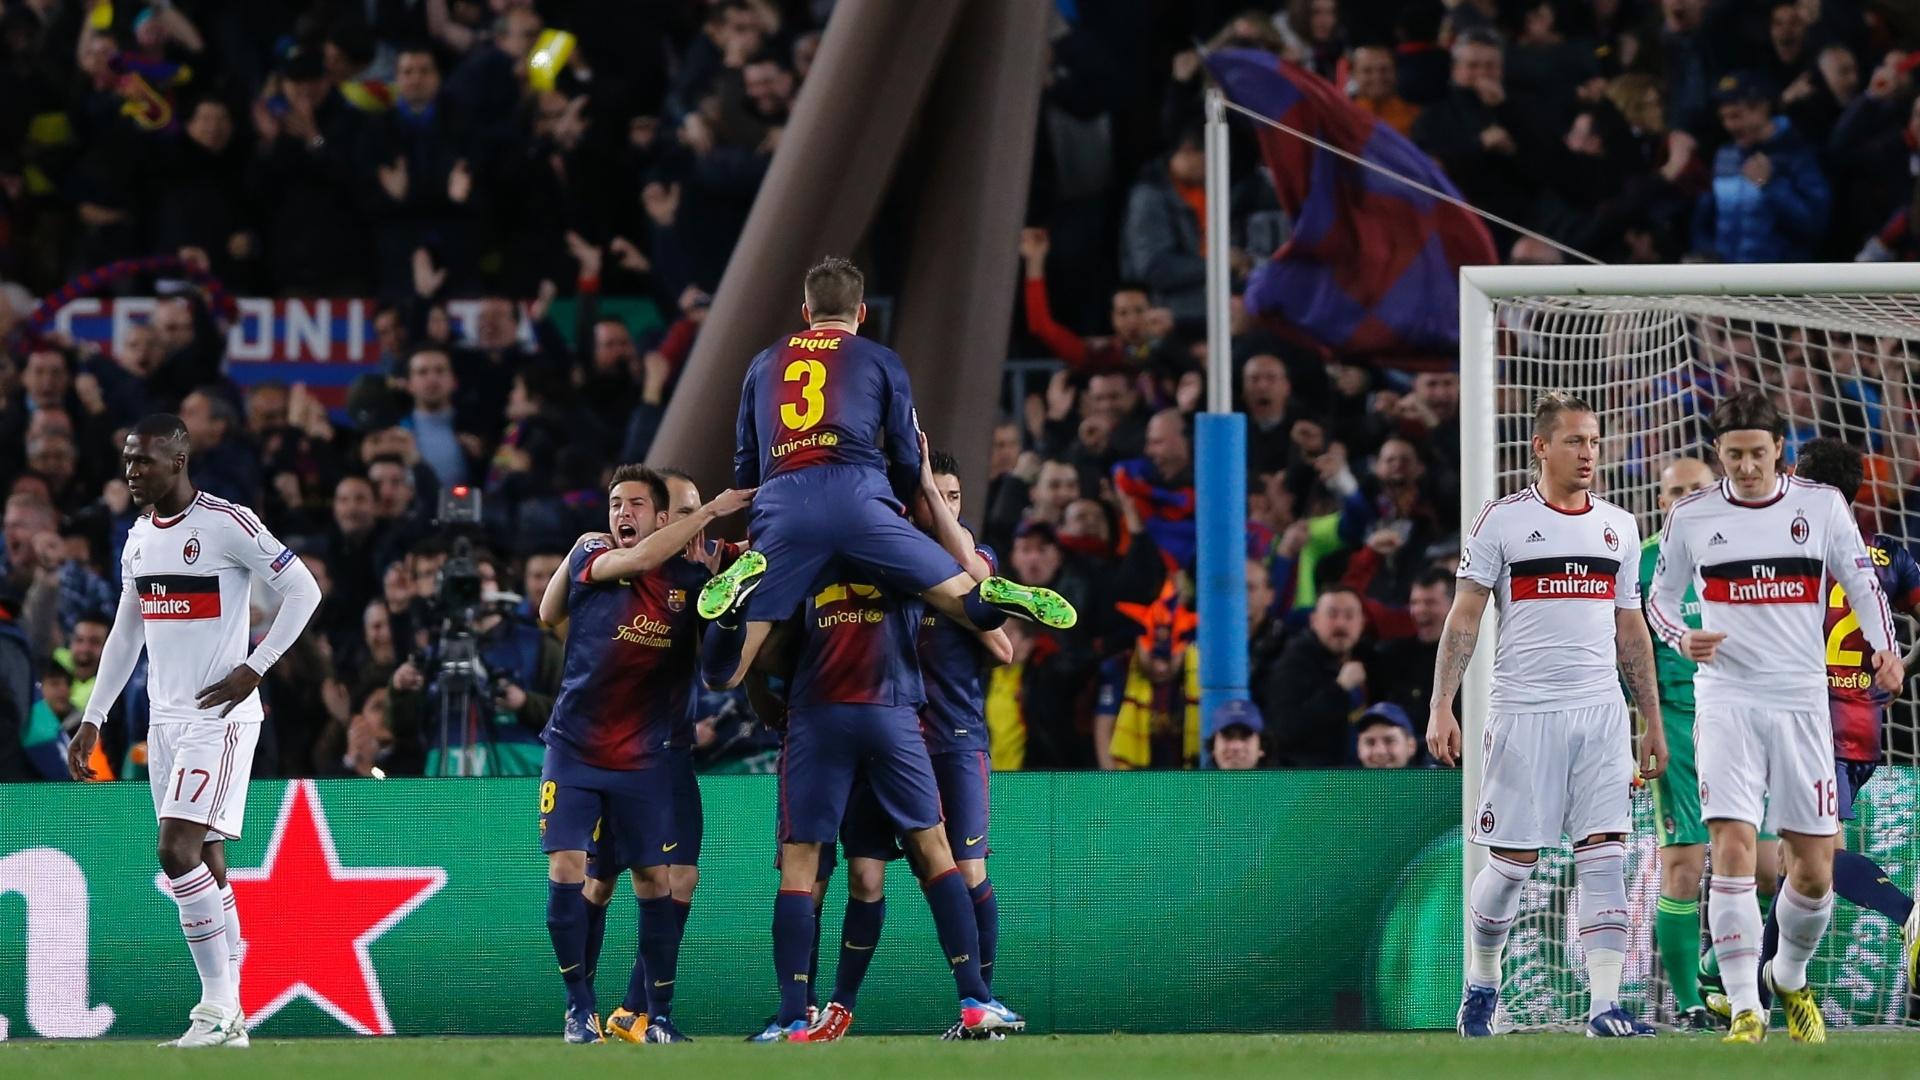 12.03.2013 - Jogadores do Barcelona comemoram gol de Messi, enquanto os do Milan mostram apreensão